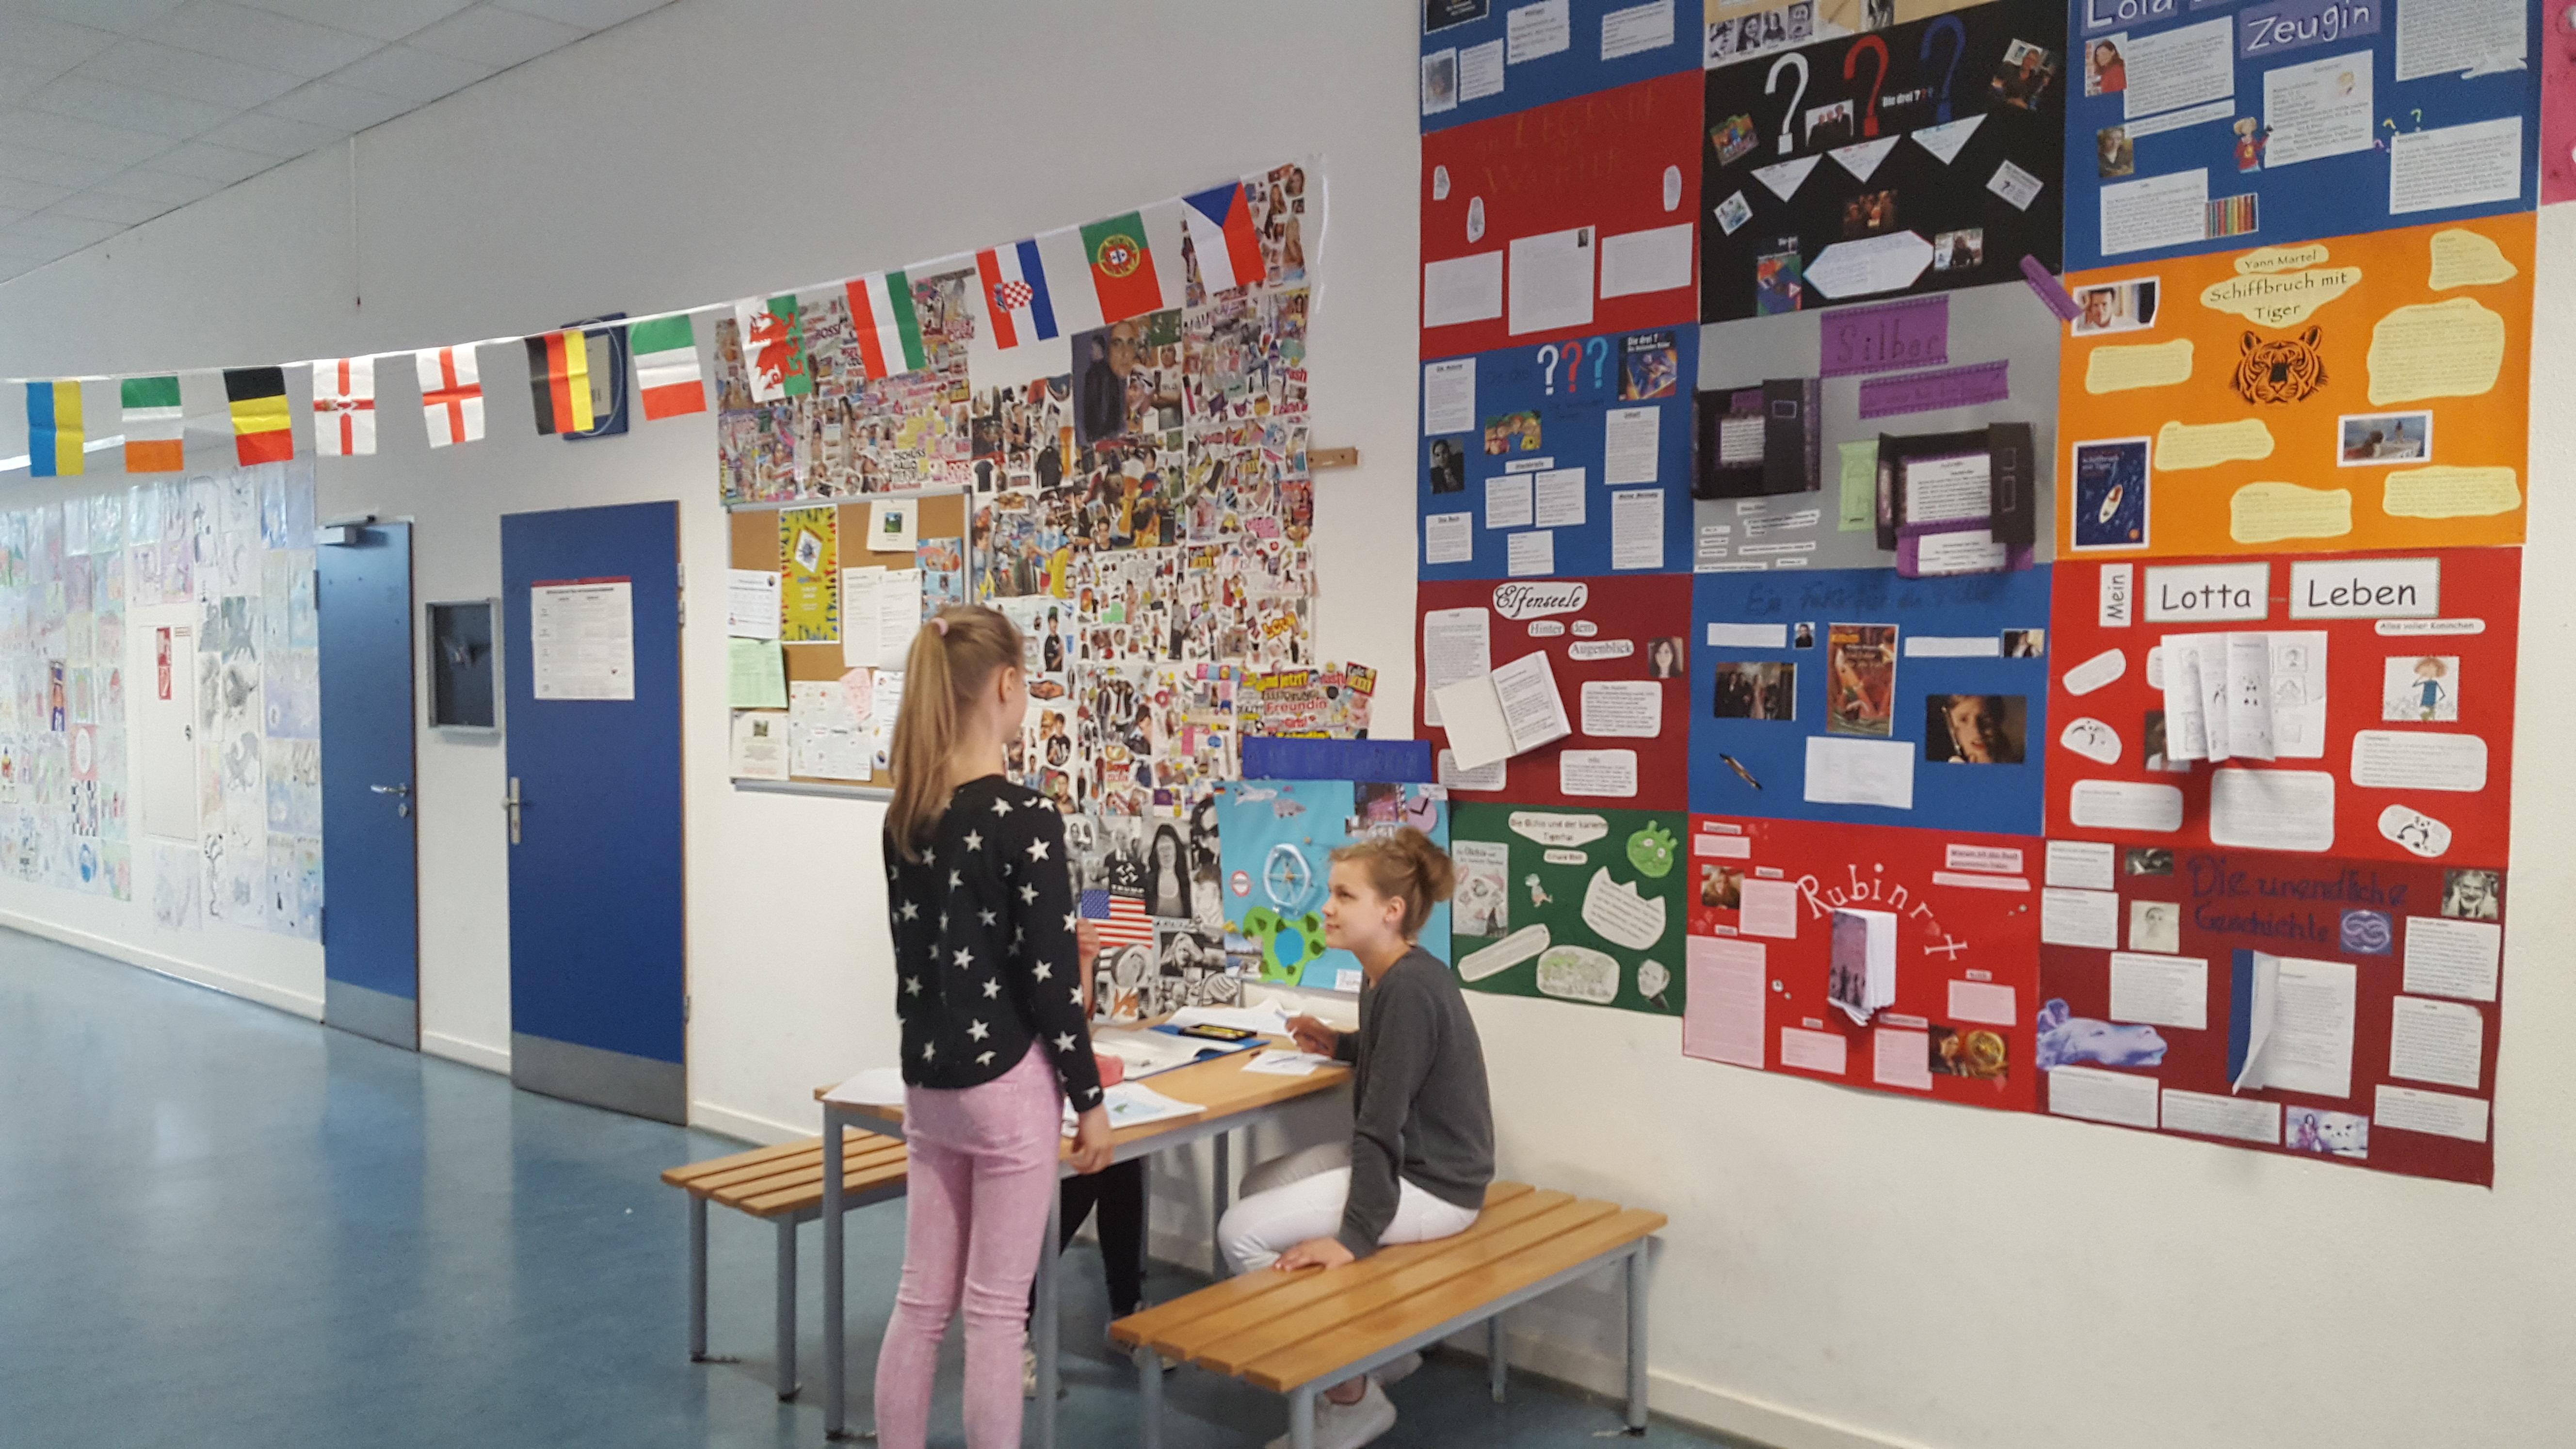 Edukacja po frankfurcku – z wizytą w Szkole z mocą zmieniania świata